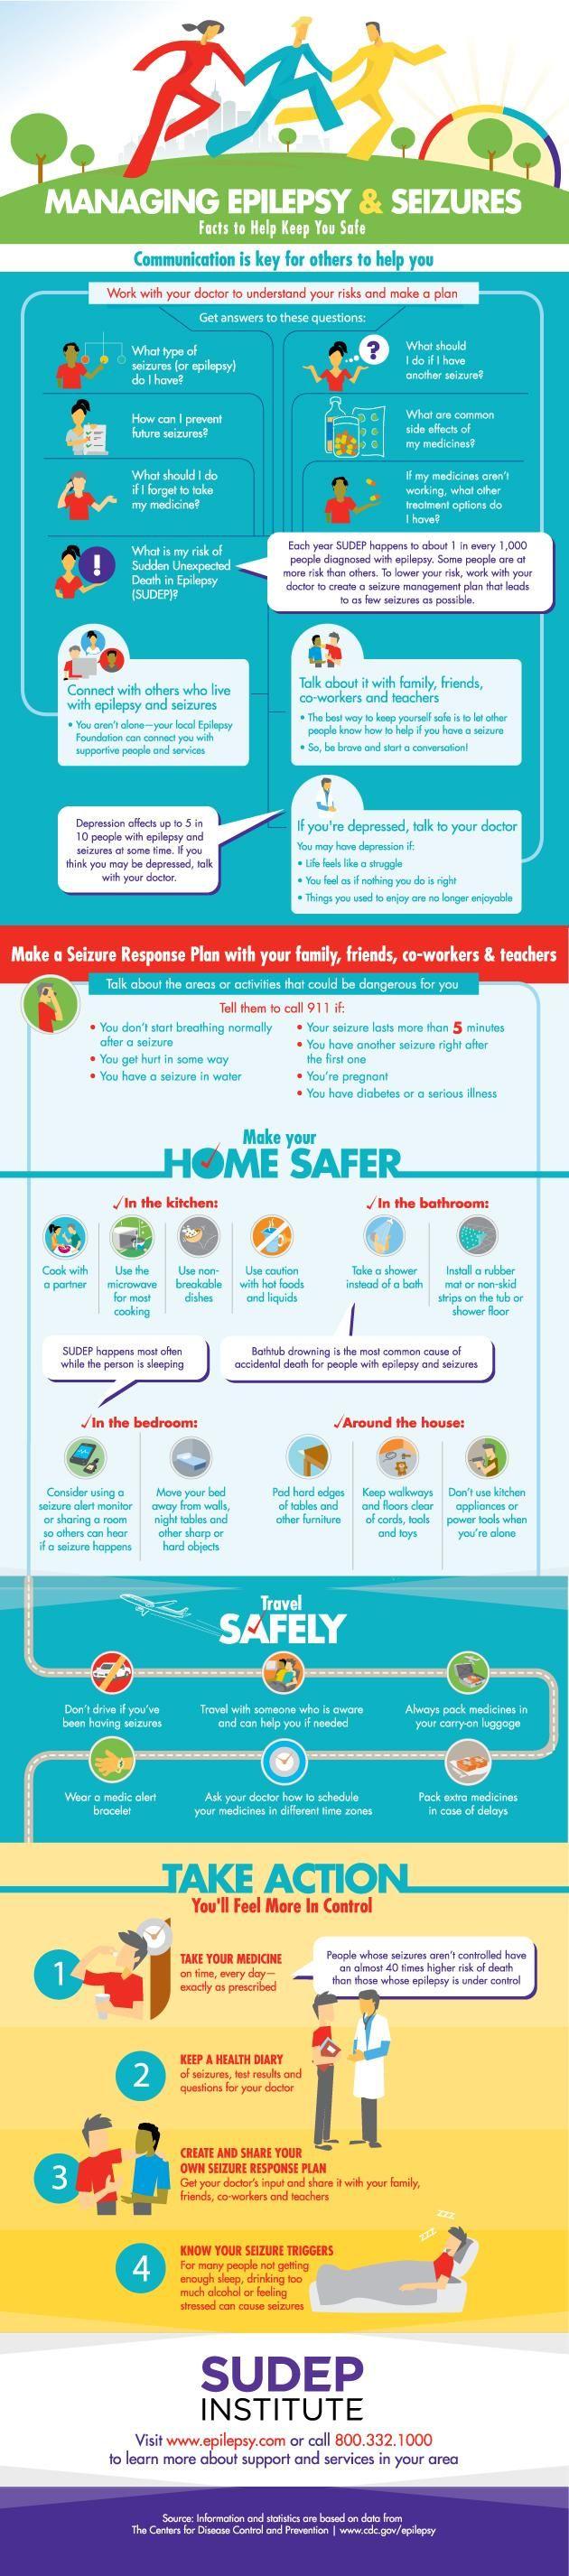 Managing Epilepsy & Seizures Infographic | Epilepsy Foundation